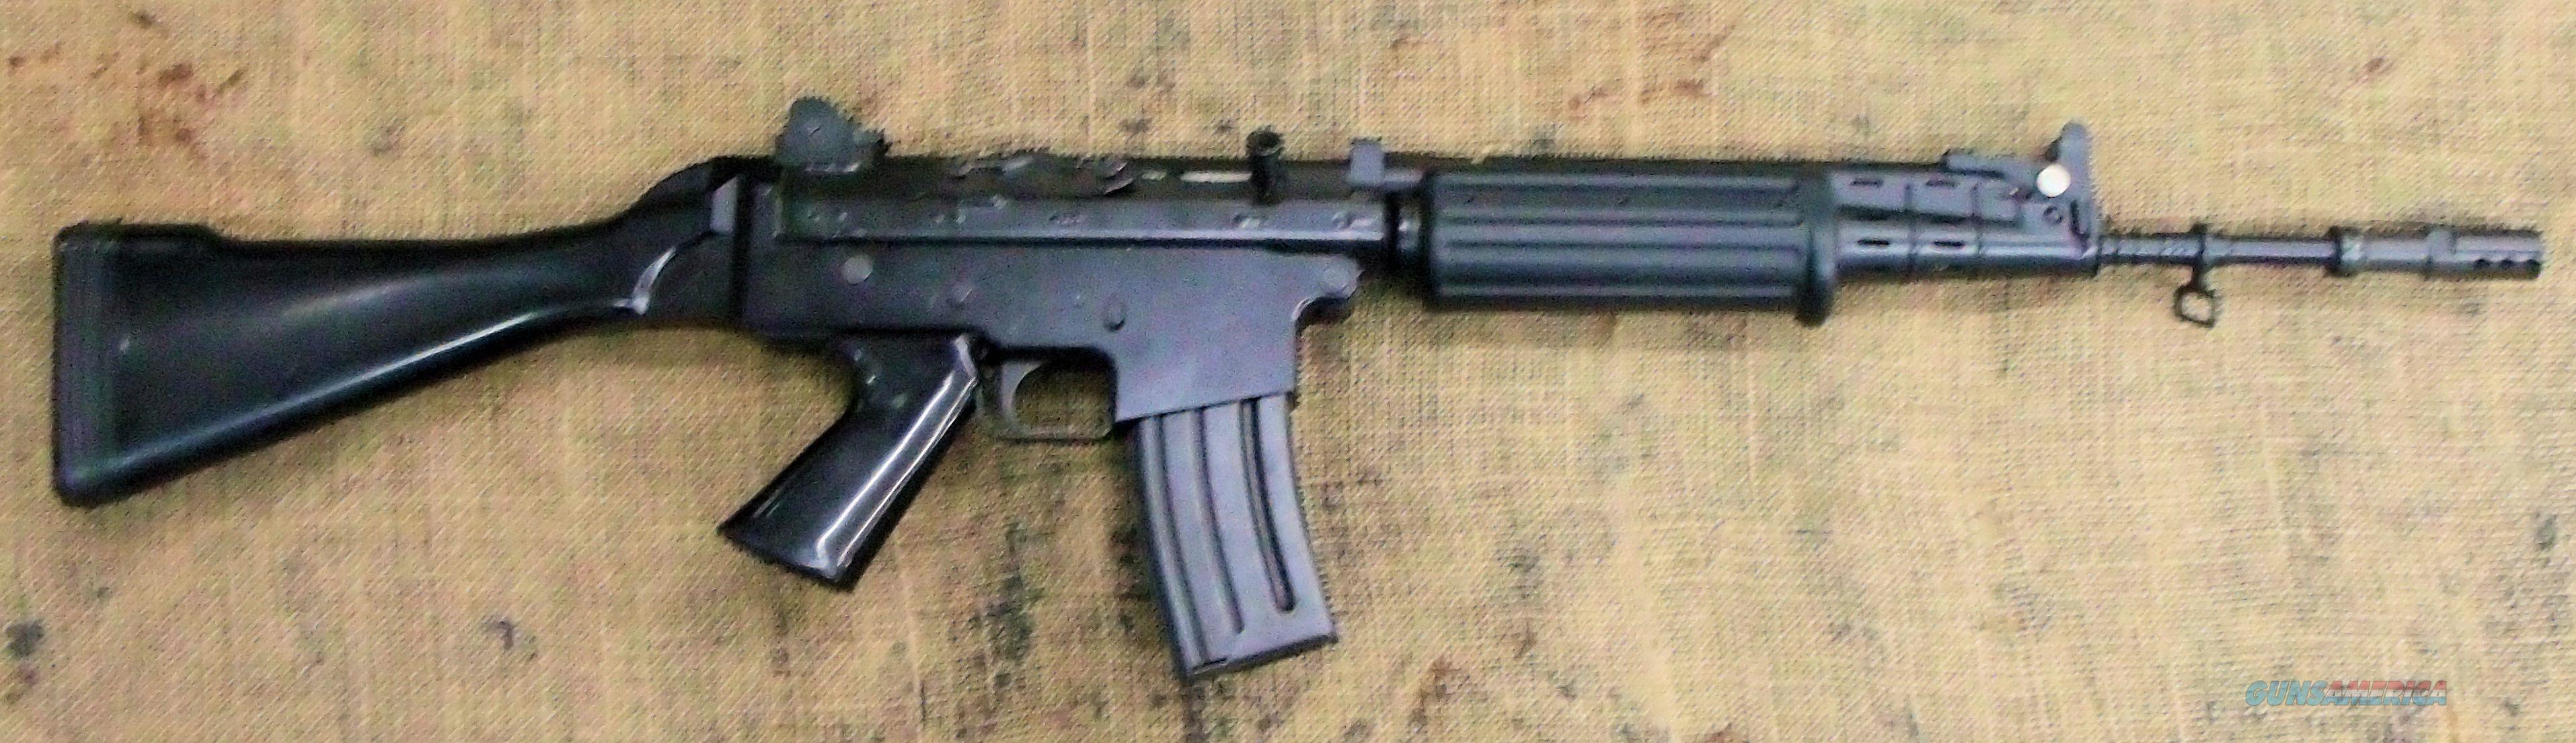 fnc 556 sporter semi auto rifle 223 cal for sale